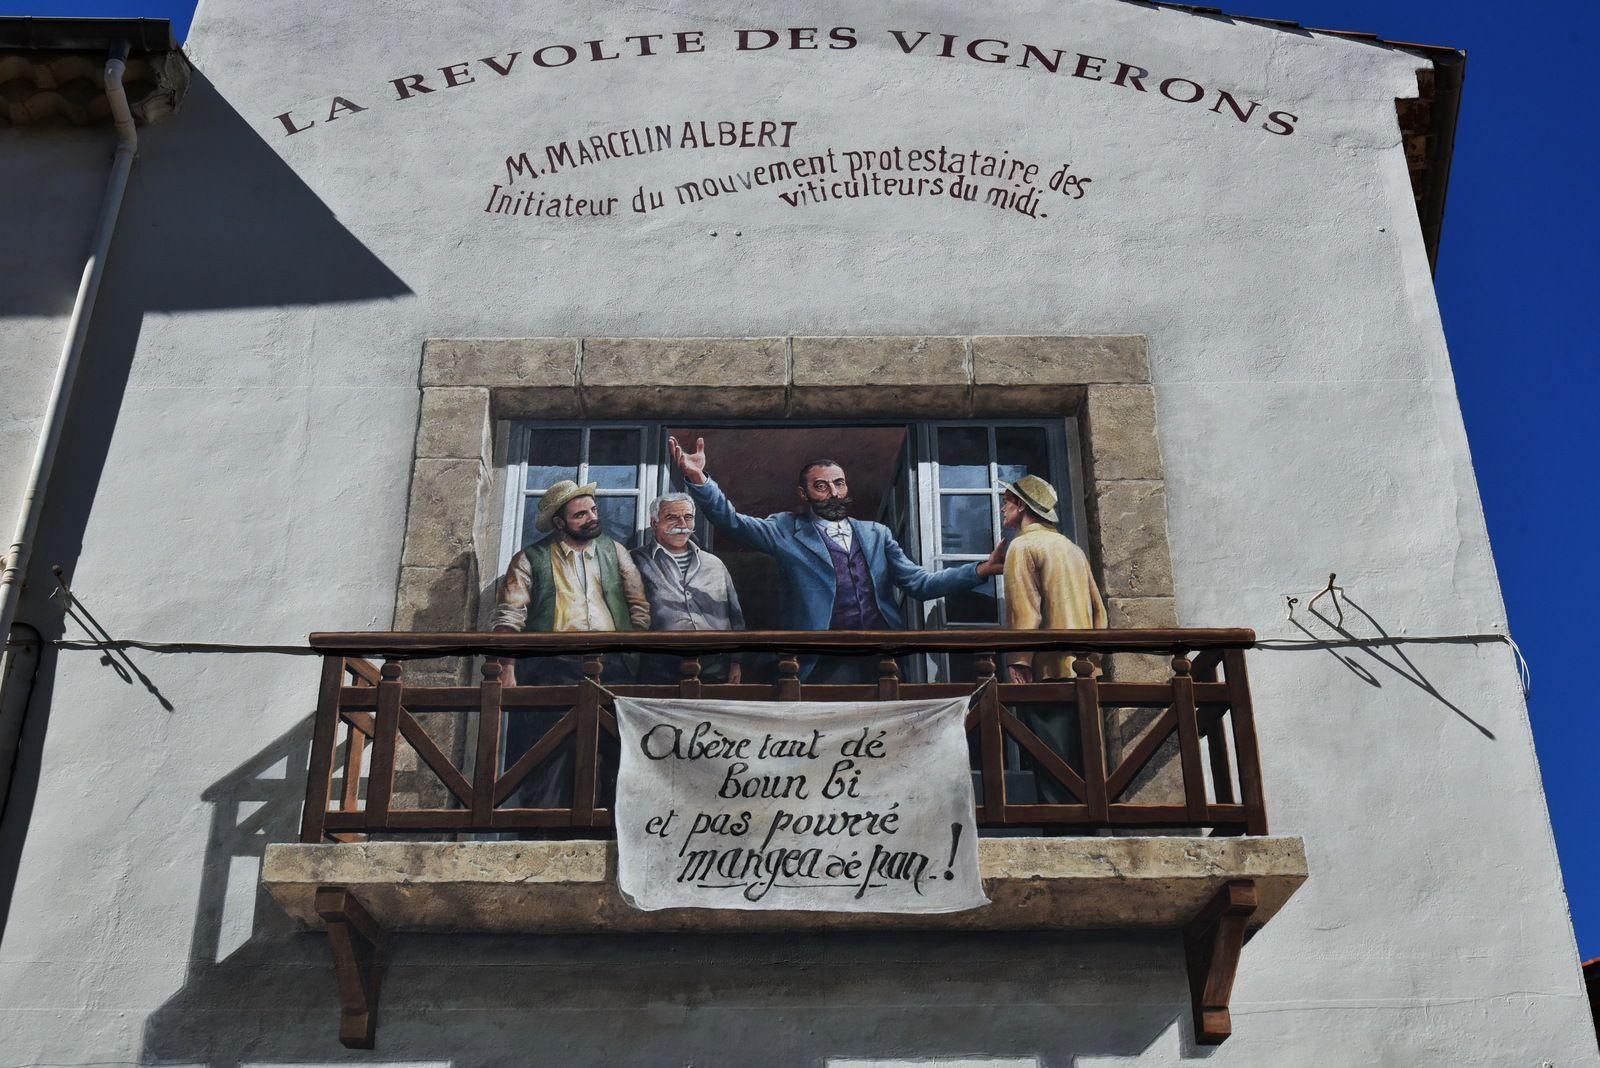 4 - La révolte des vignerons (1907)